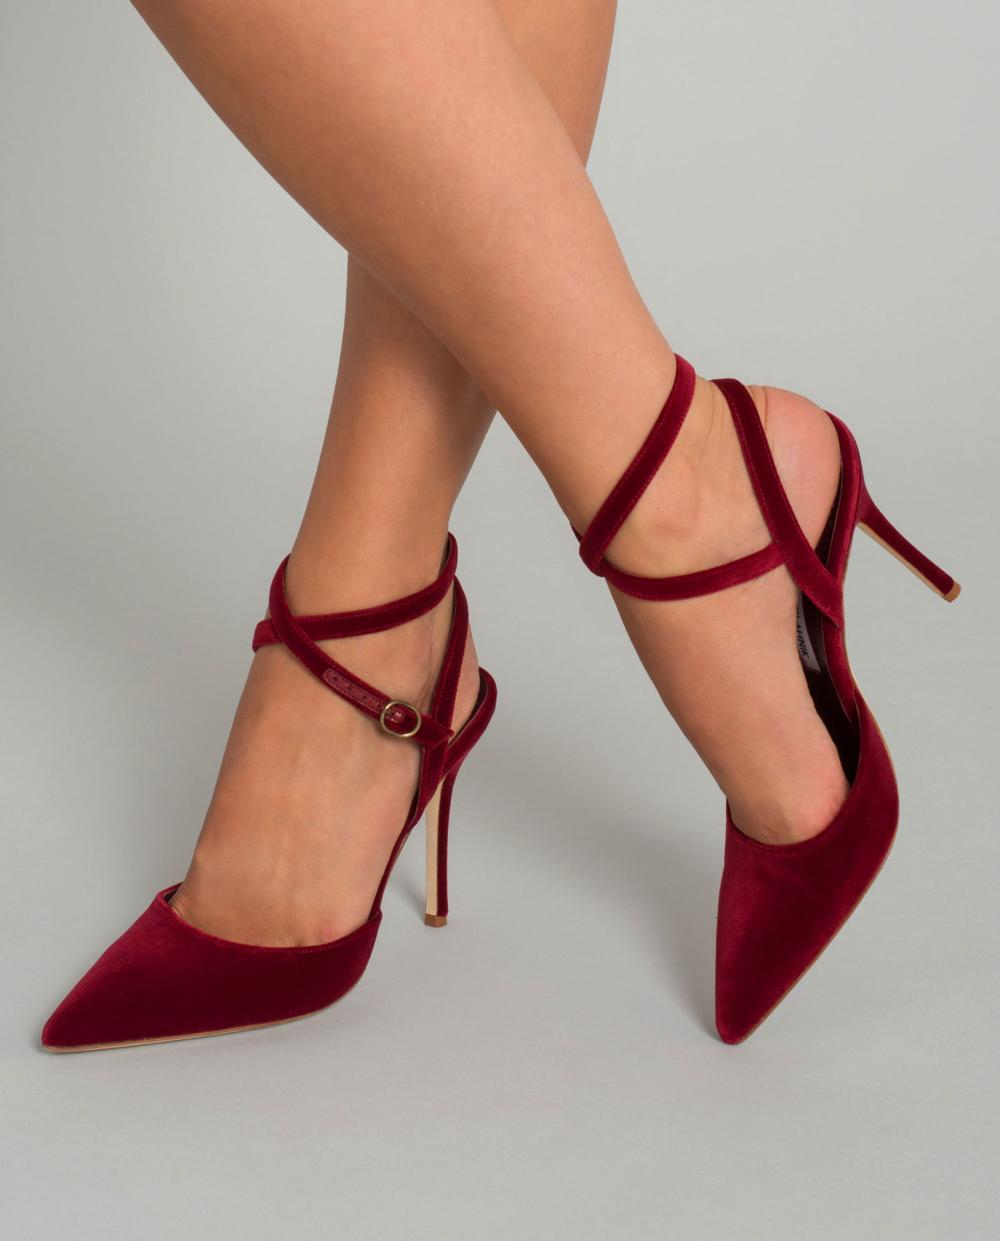 Czerwone Szpilki Z Aksamitu Manolo Blahnik Cena I Opinie Sklep Internetowy Moliera2 Com Heels Pumps Shoes